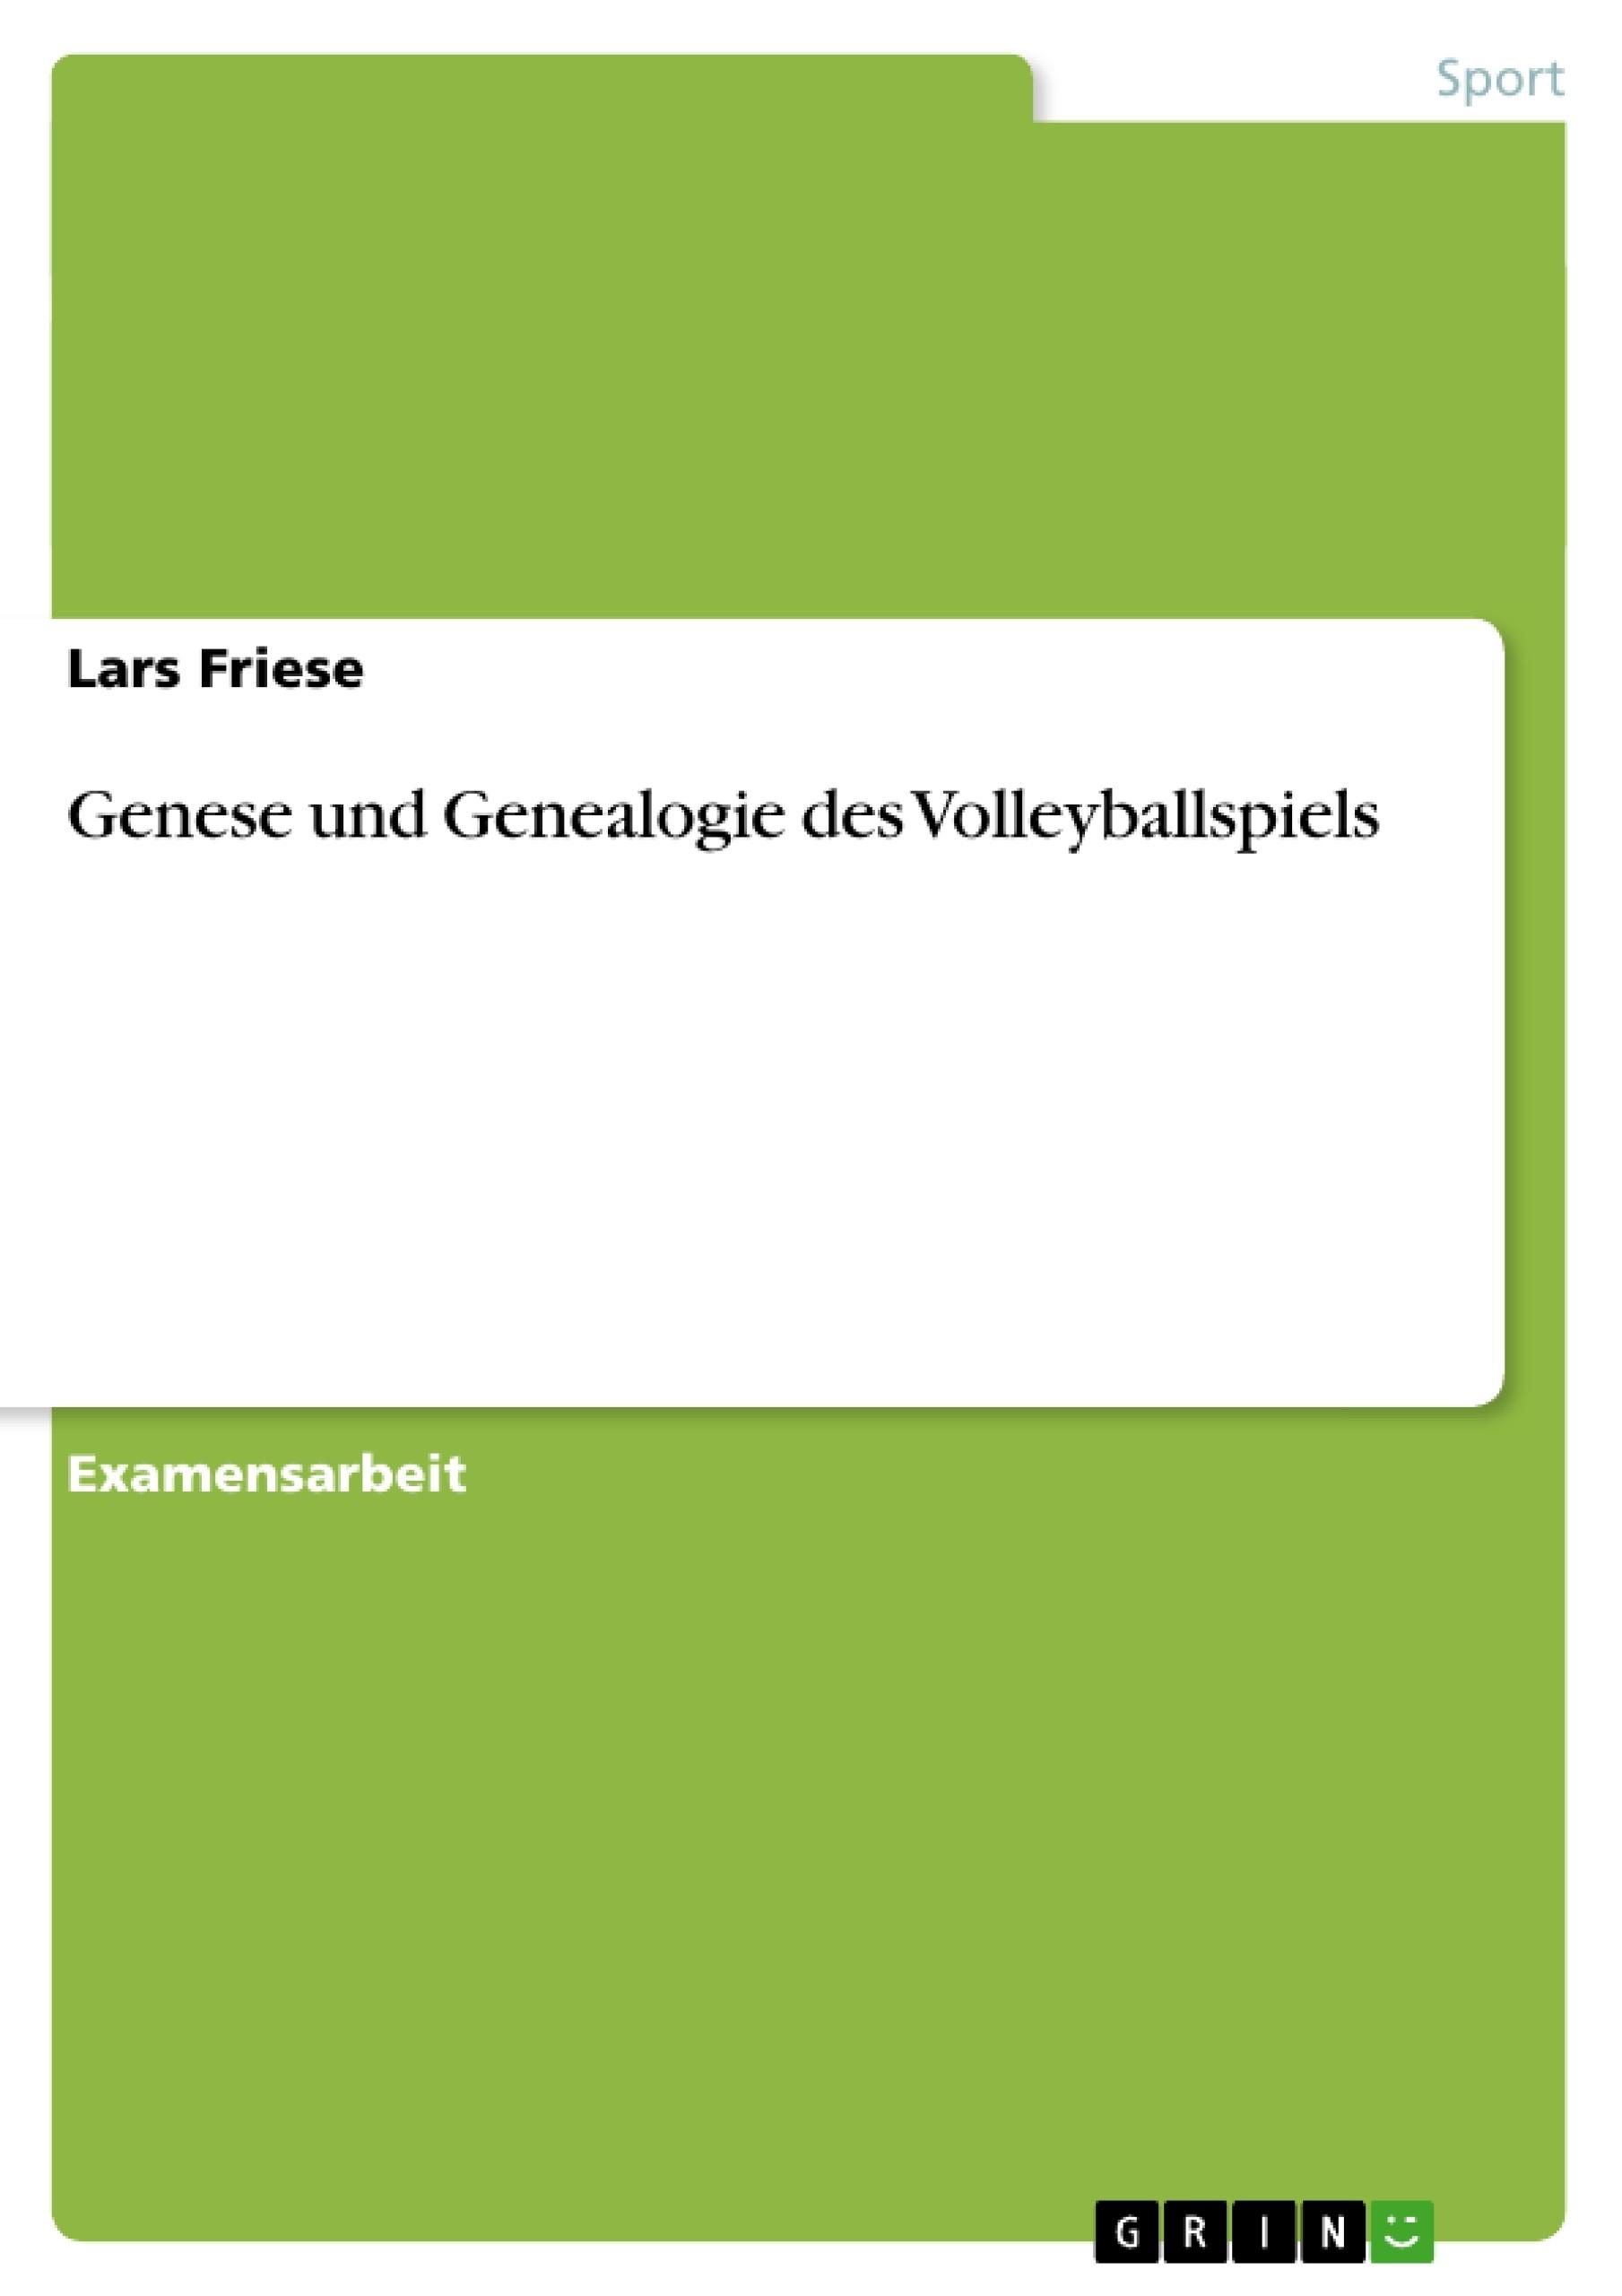 Titel: Genese und Genealogie des Volleyballspiels